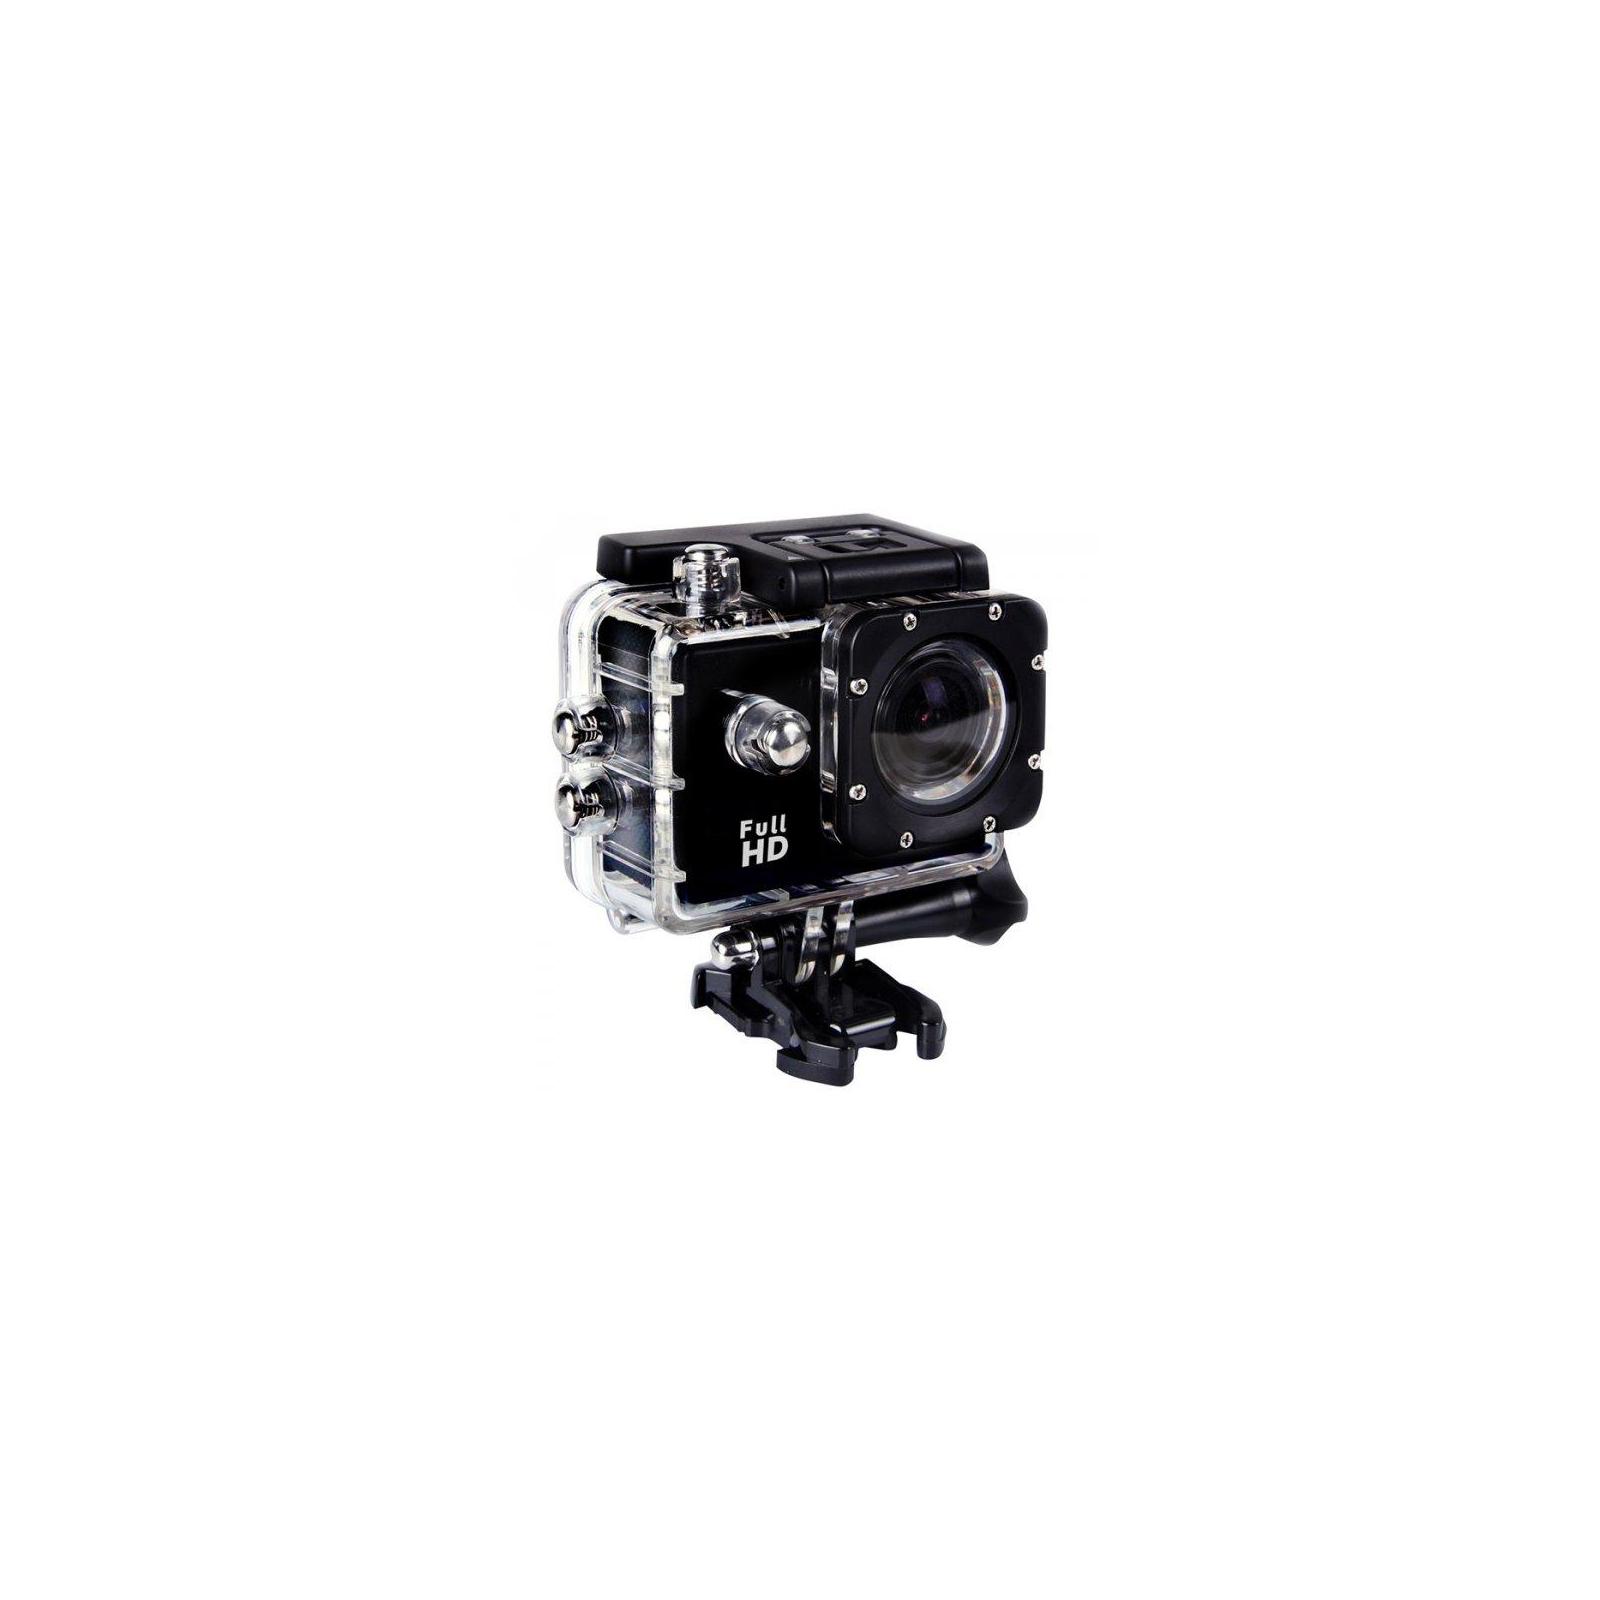 Экшн-камера AirOn Simple Full HD black (4822356754471) изображение 5